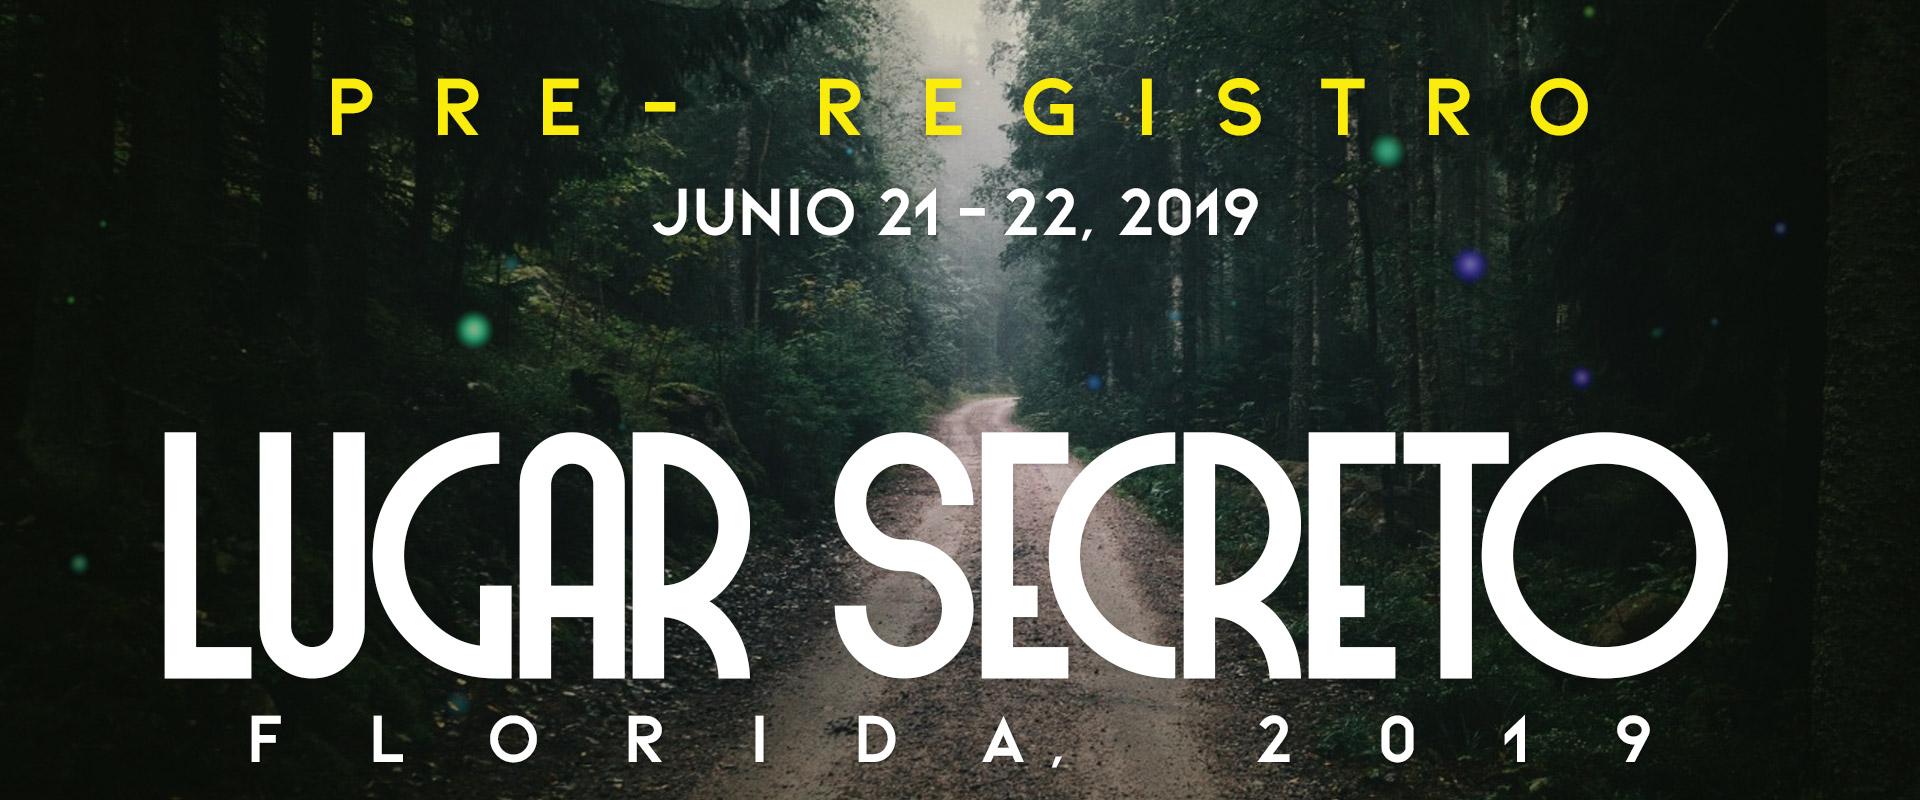 Lugar-Secreto-2019-2